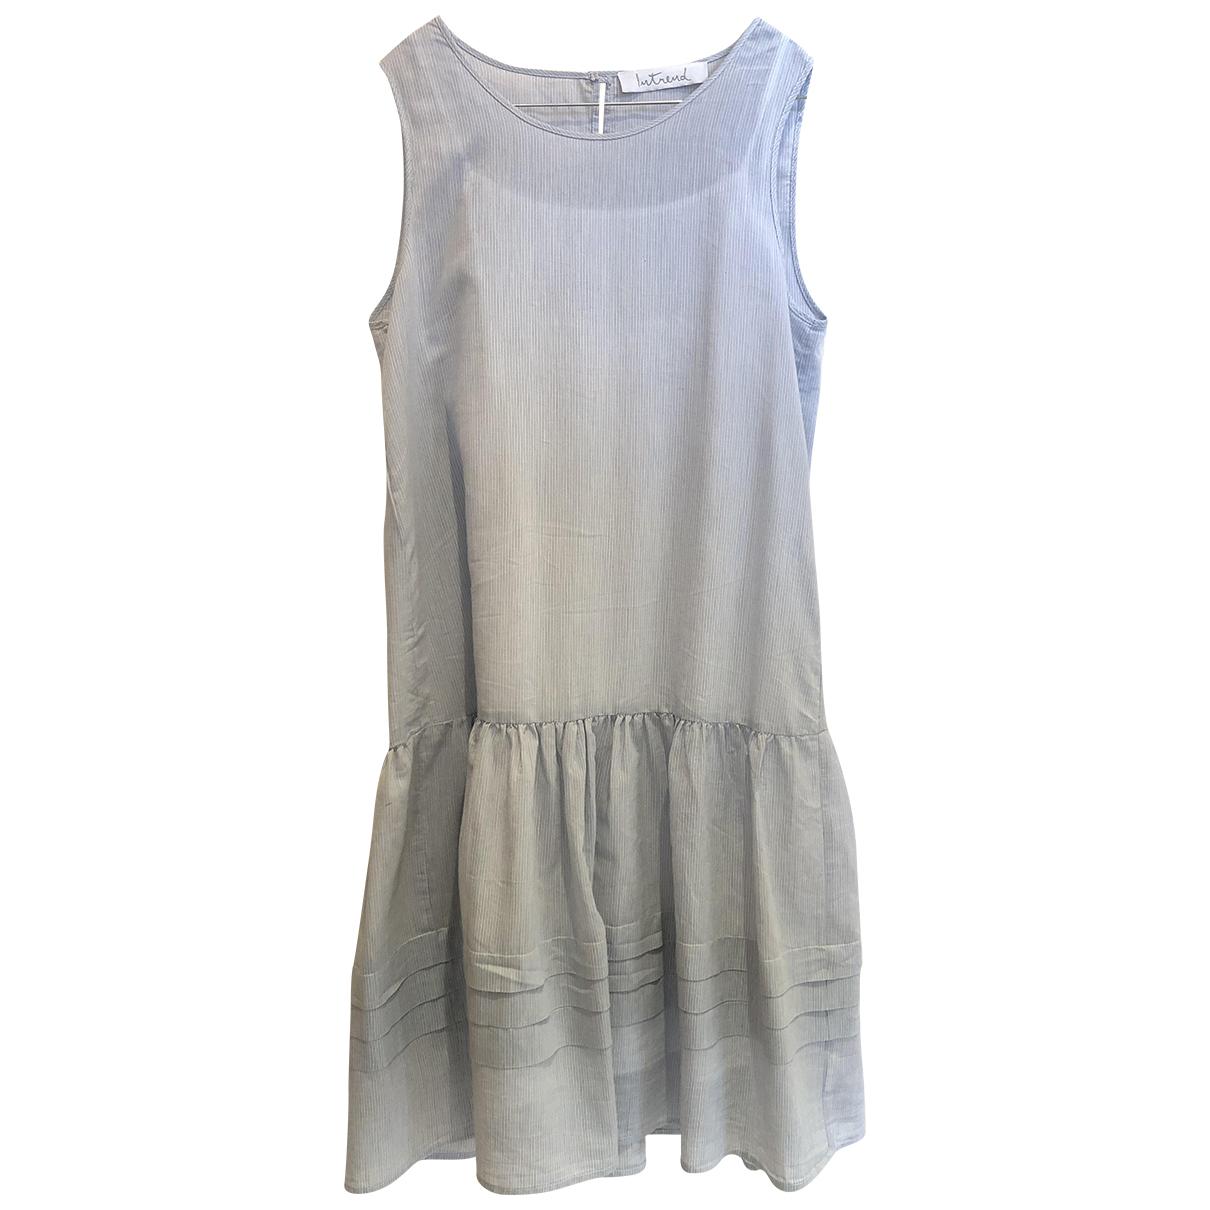 Intrend \N Kleid in  Weiss Baumwolle